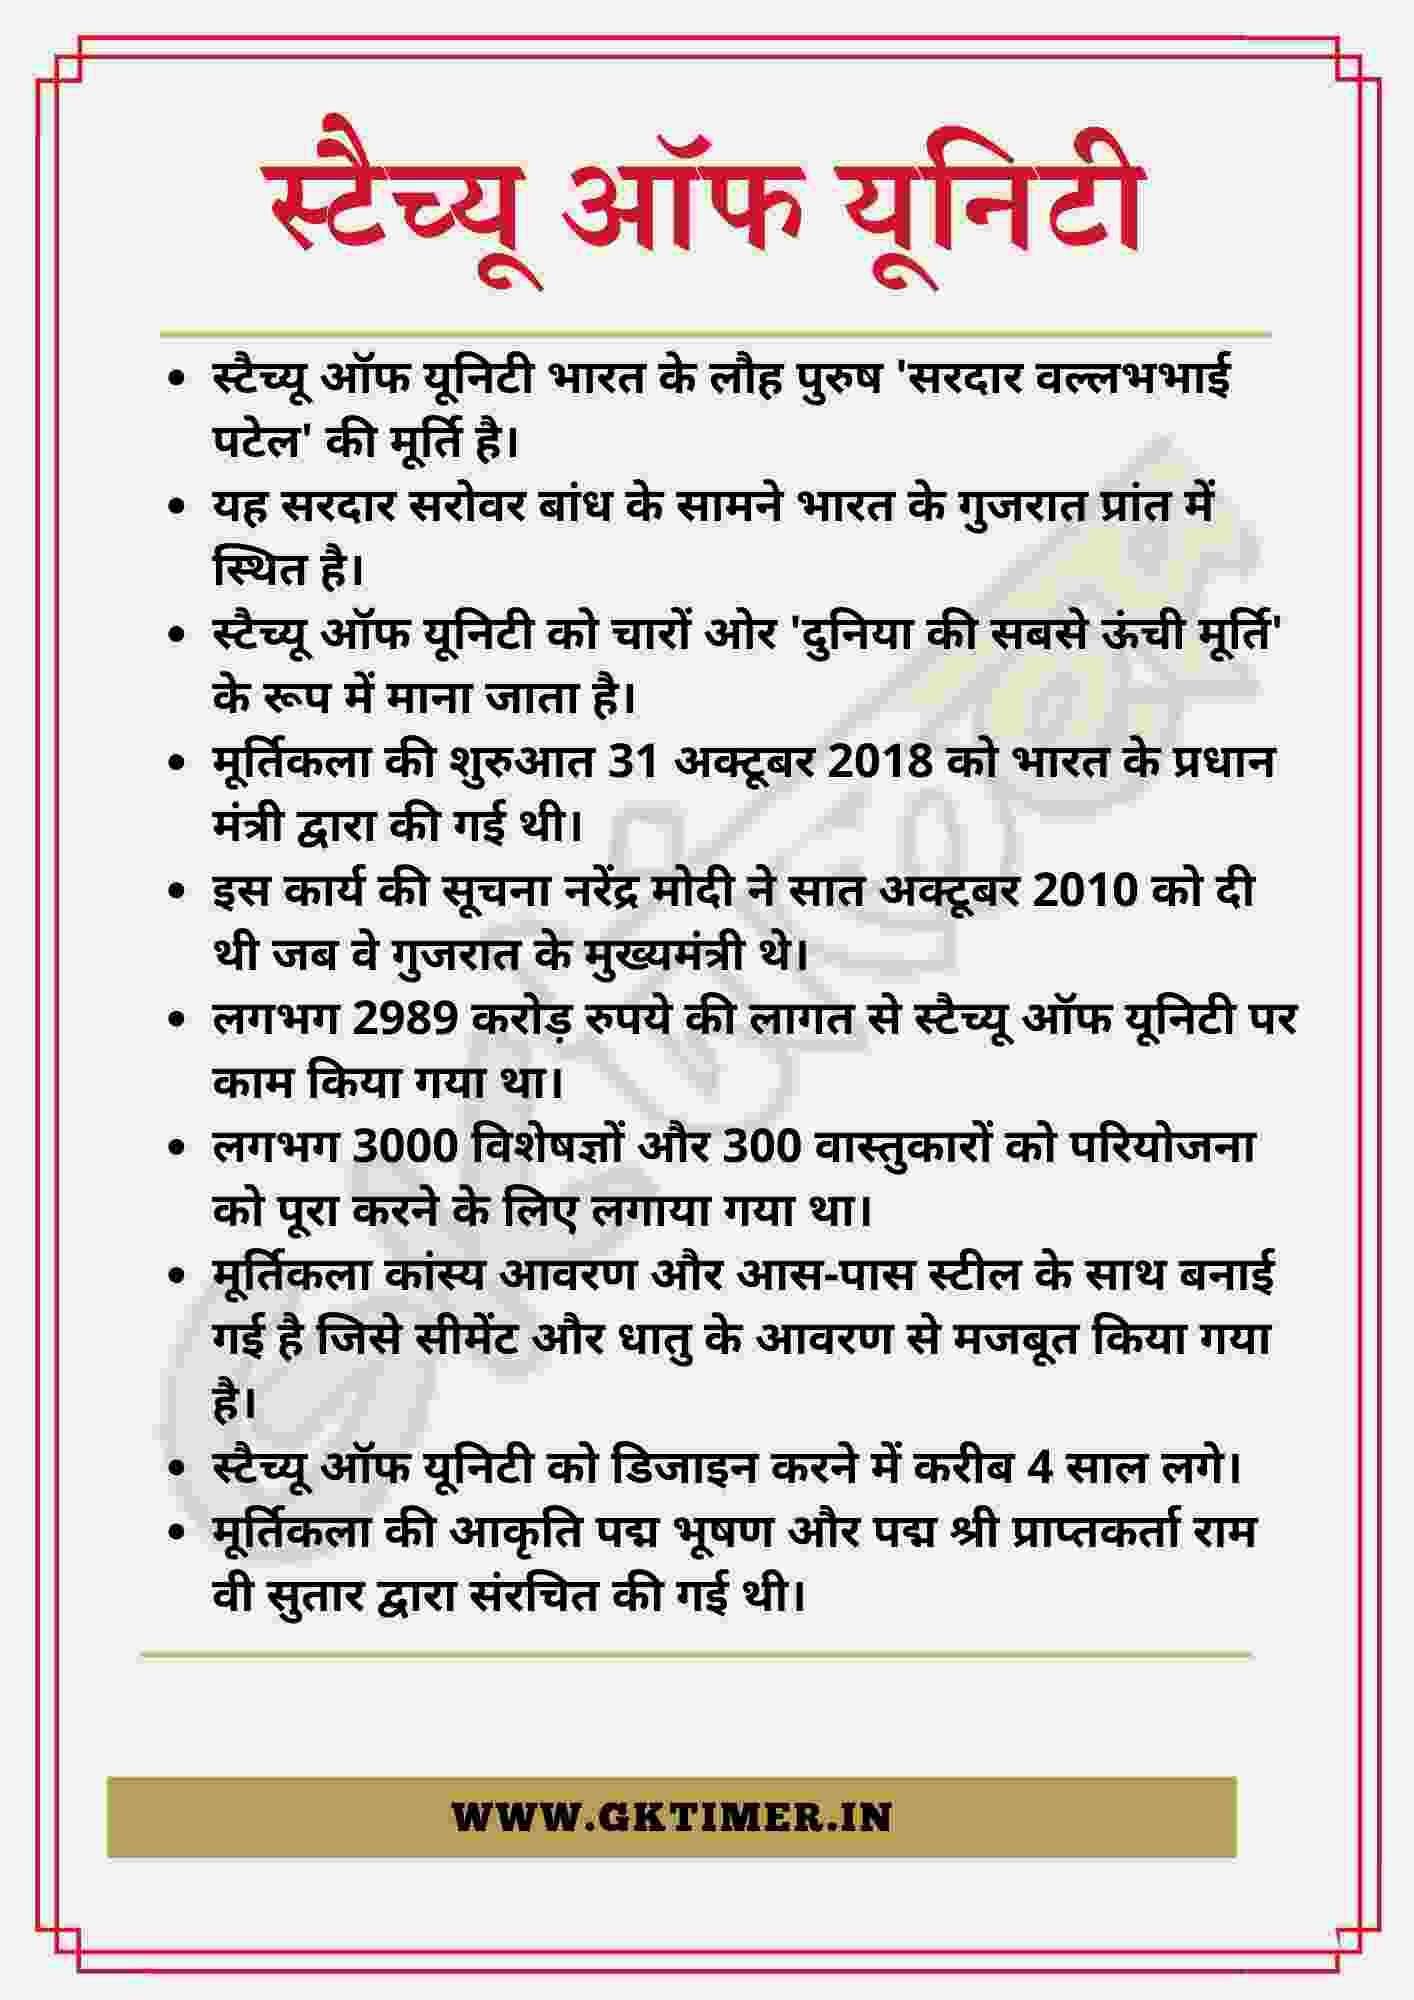 स्टैच्यू ऑफ यूनिटी पर निबंध | Essay on Statue of Unity in Hindi | 10 Lines on Statue of Unity in Hindi